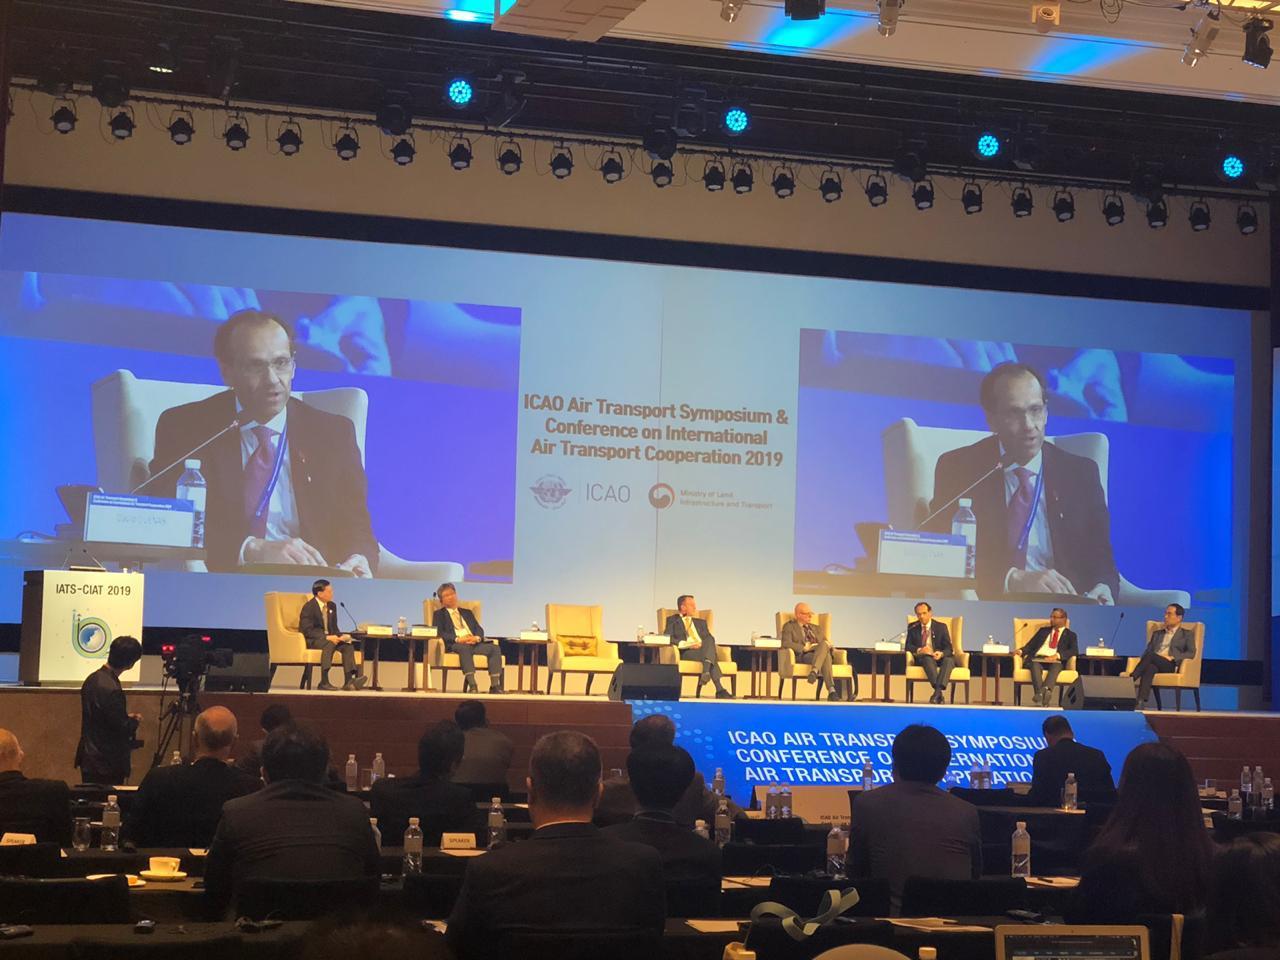 Chile participó en simposio y conferencia sobre transporte aéreo internacional